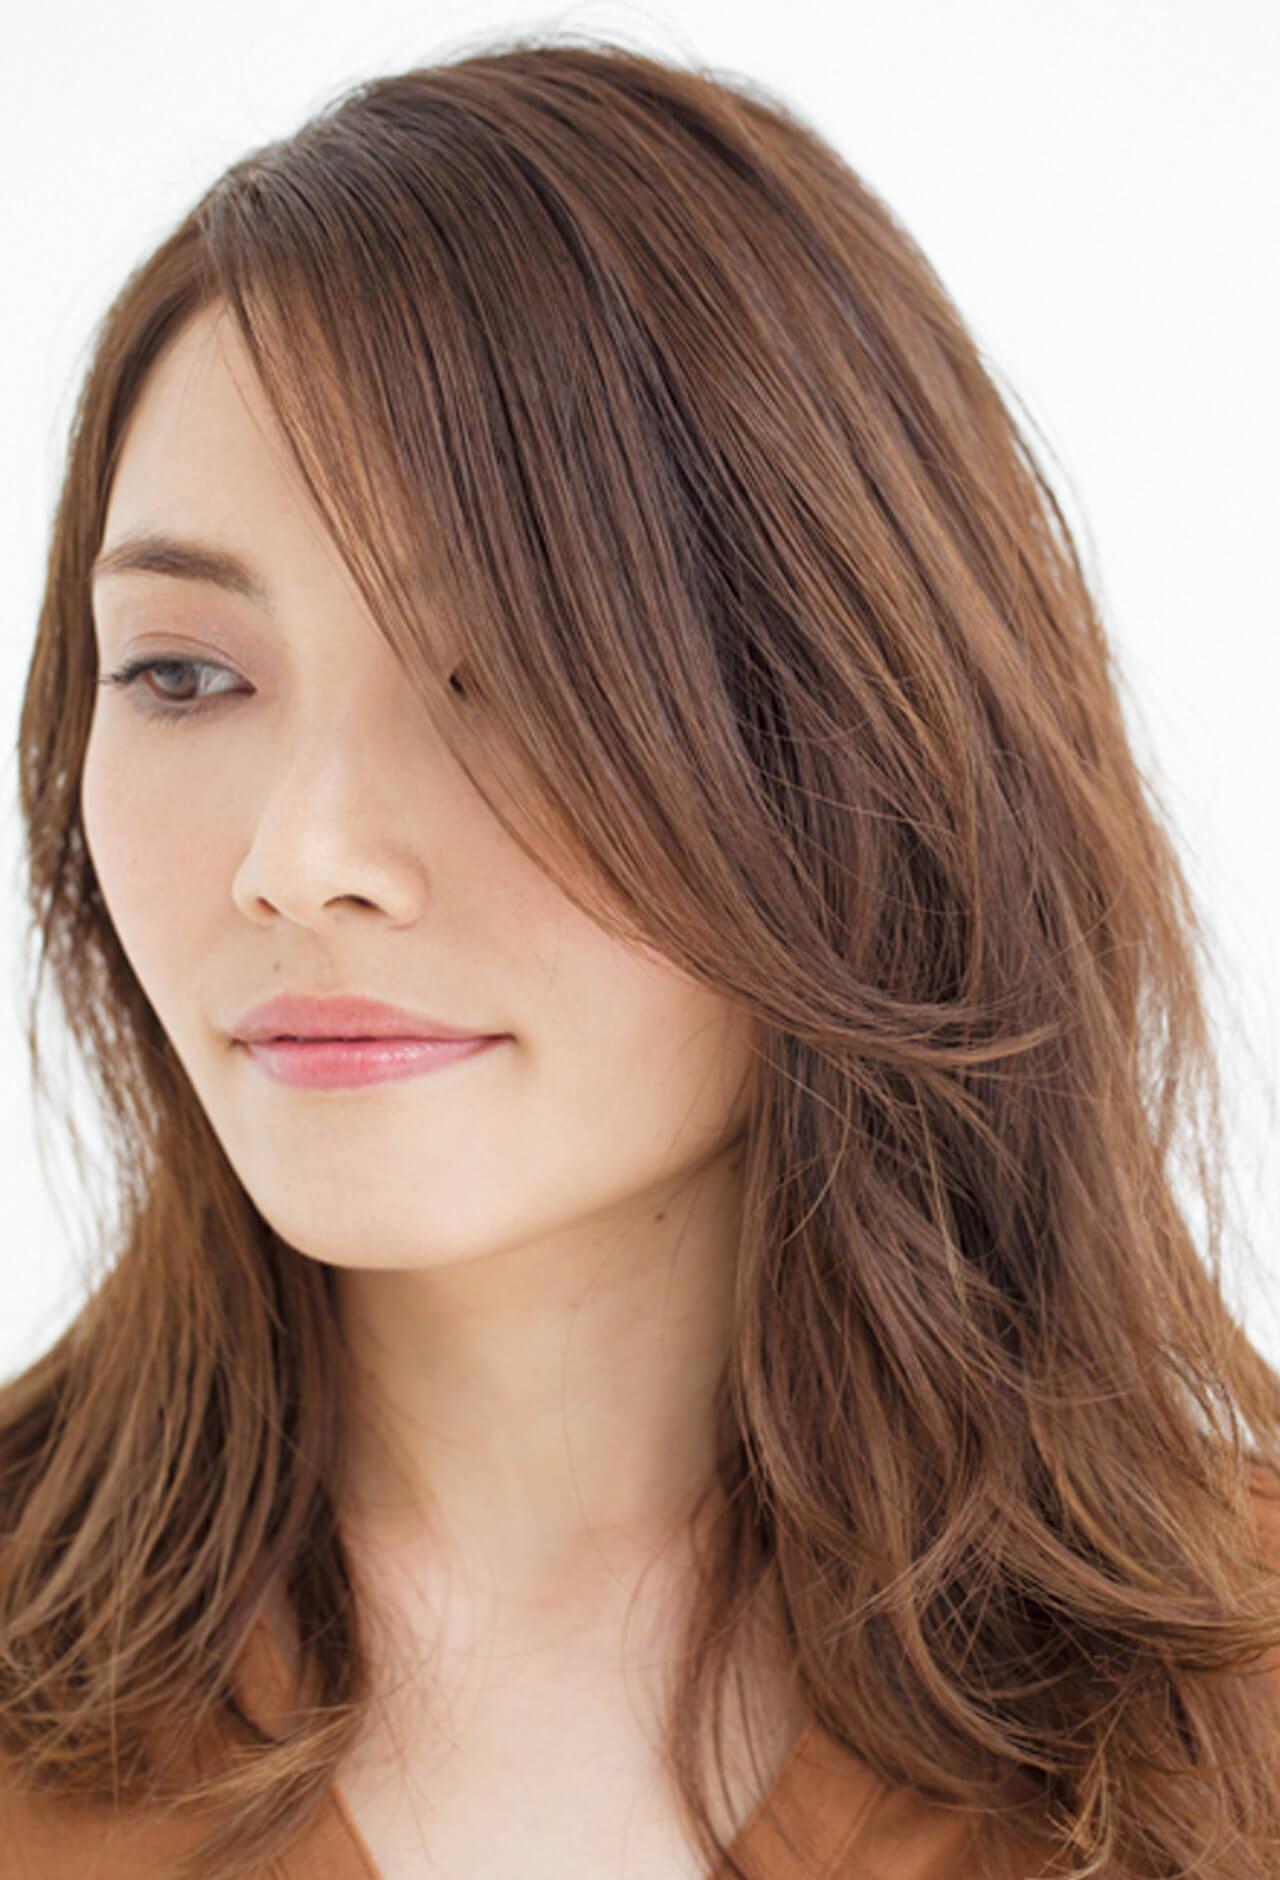 小顔効果もあり!ぺったり前髪はサイドに流れる外巻きパーマで動きをプラス【40代のロングヘア】_1_2